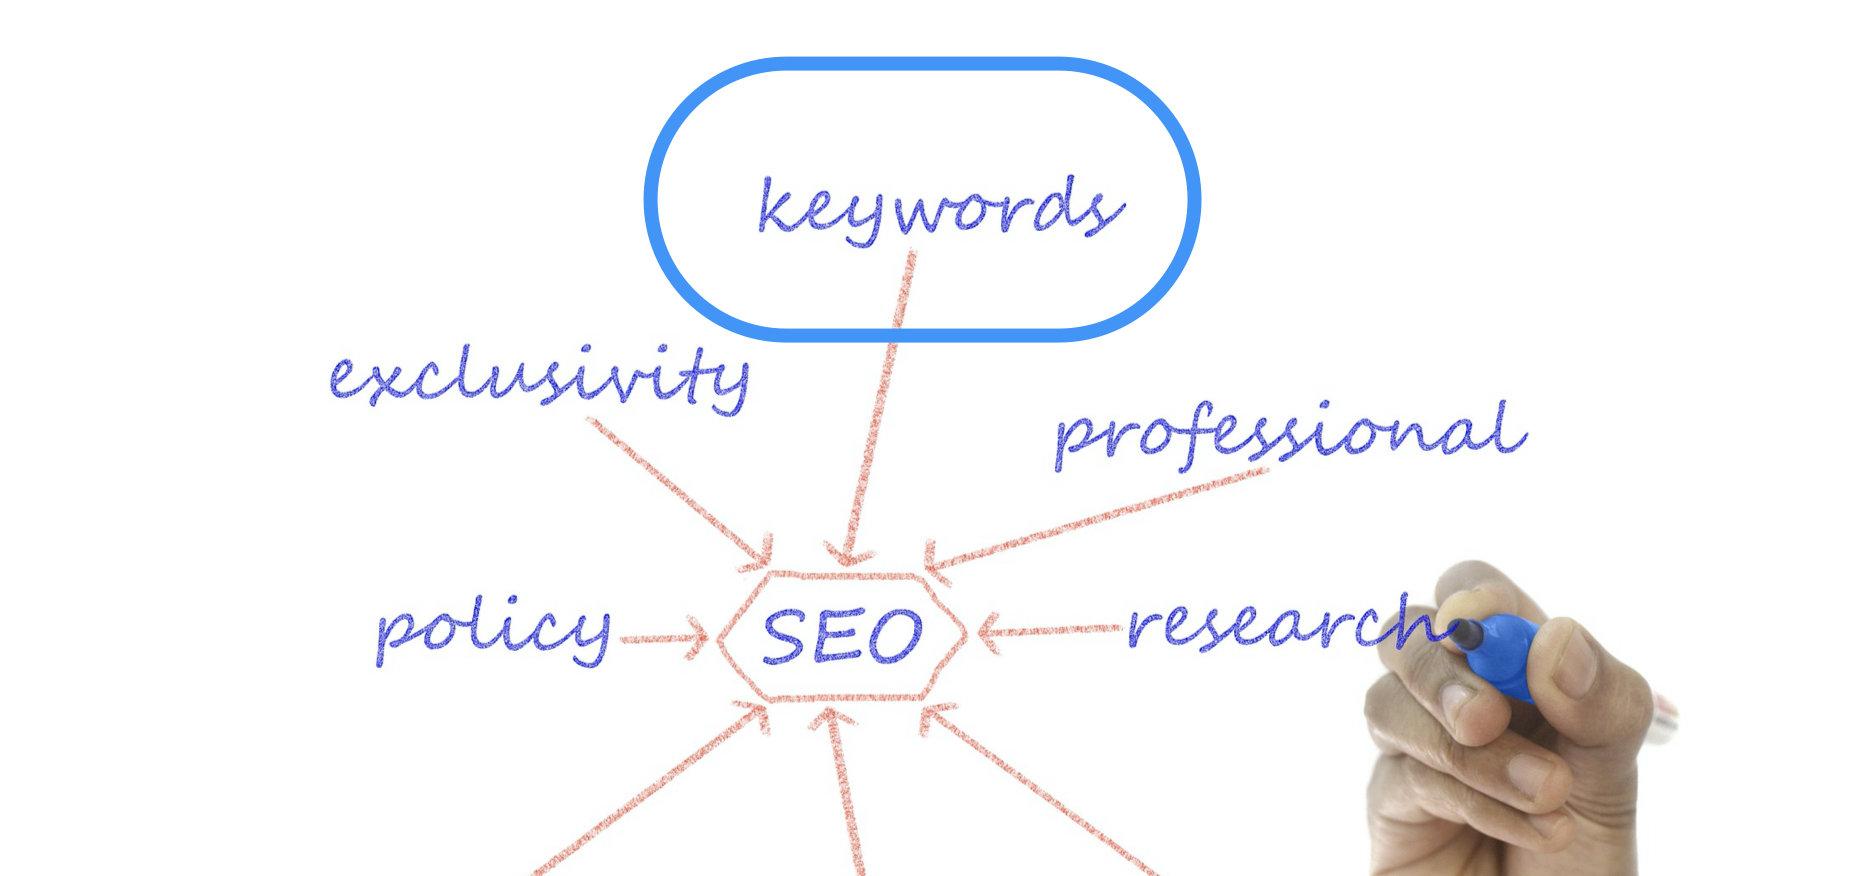 Verzin zelf geen keywords, maar vraag je klanten om hulp! spraak|stof